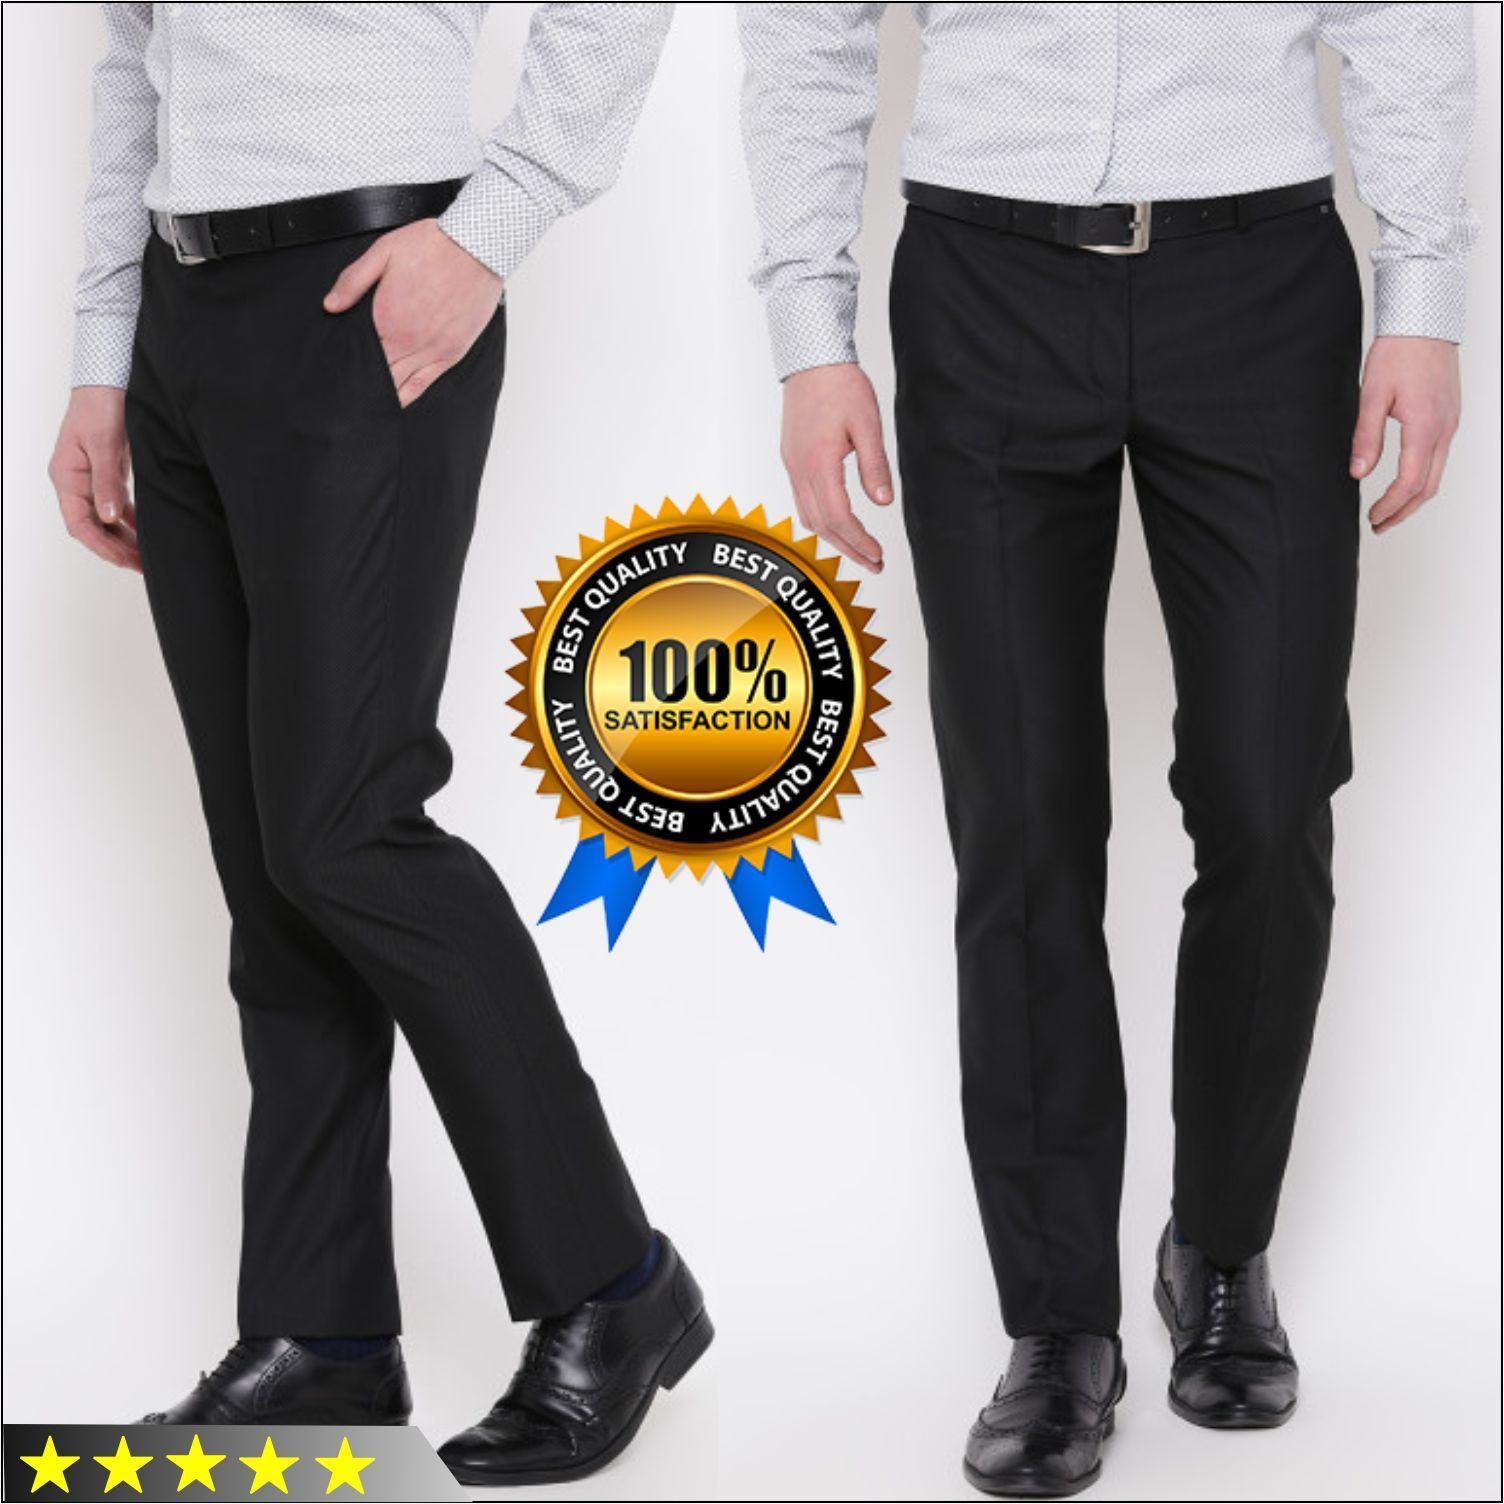 Celana Chino Formal Kasual Pria Panjang Jeans Street Slim Fit Bahan Kantoran Masa Kini Murah